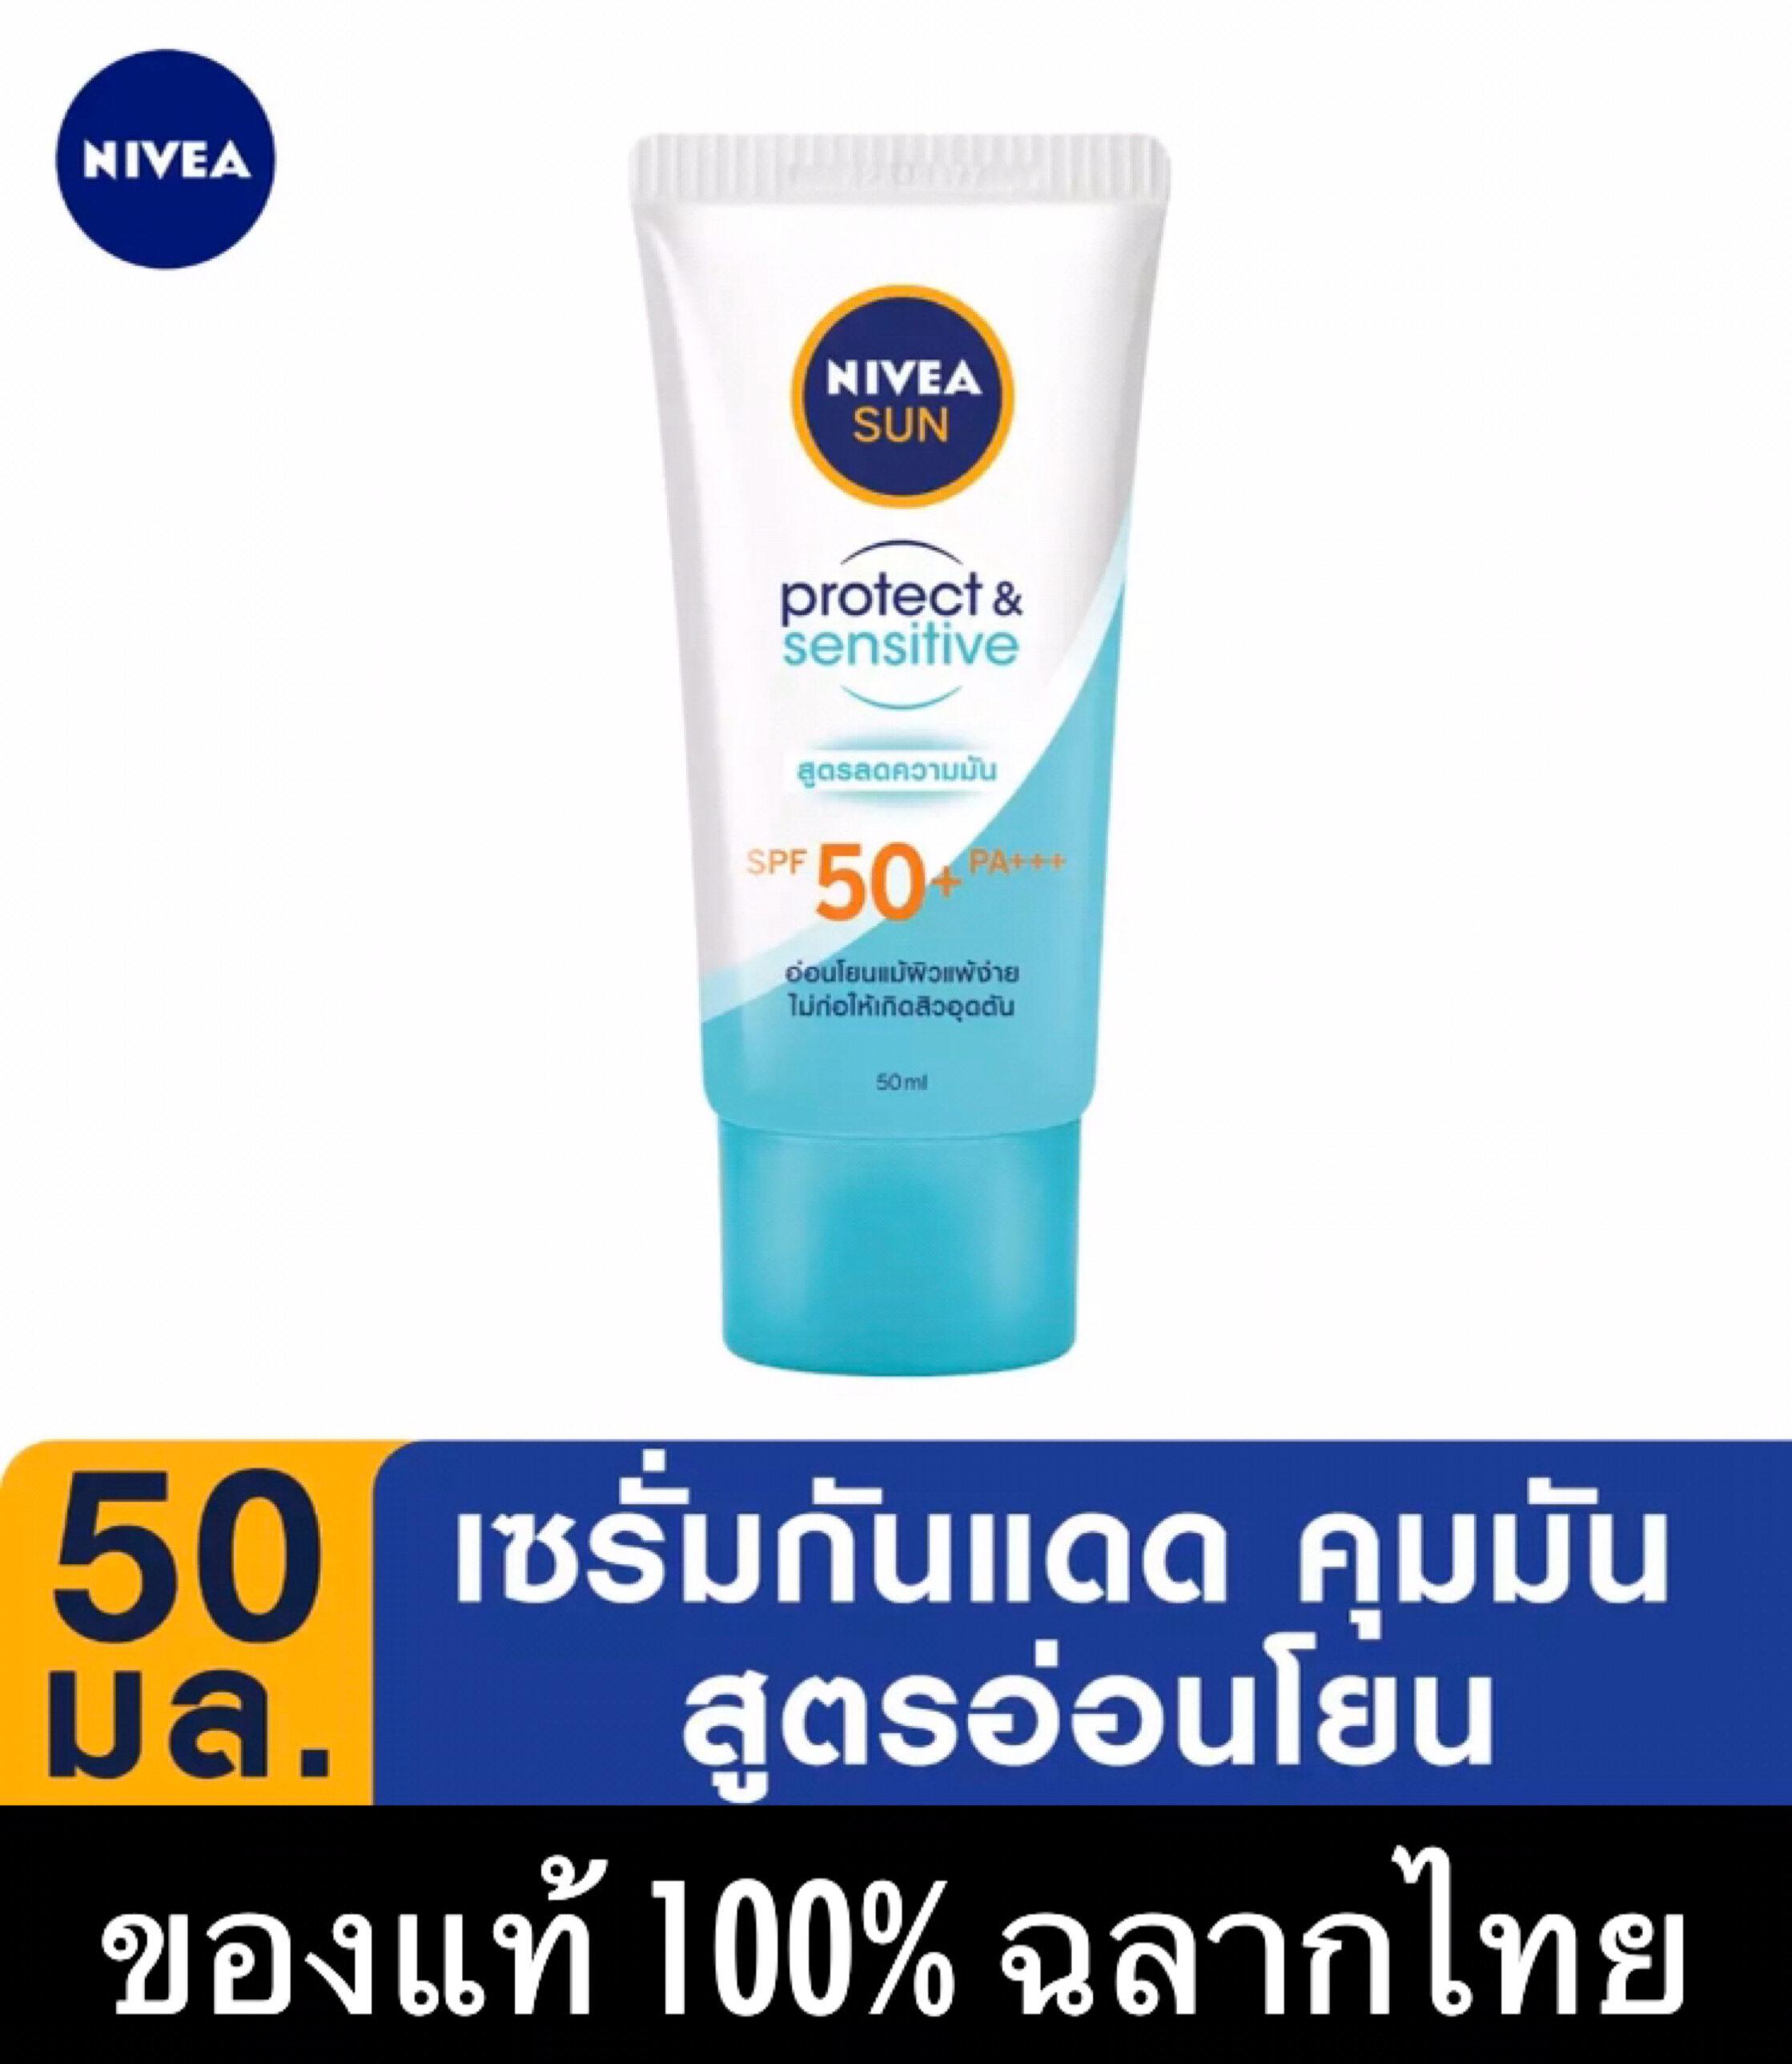 ครีมกันแดด Nivea SPF50+ Nivea Sun screen protect นีเวีย ซัน โพรเท็ค แอนด์ เซนส์ซิทีฟ ออยล์ คอนโทรล เซรั่ม 50 มล. เซรั่มกันแดด